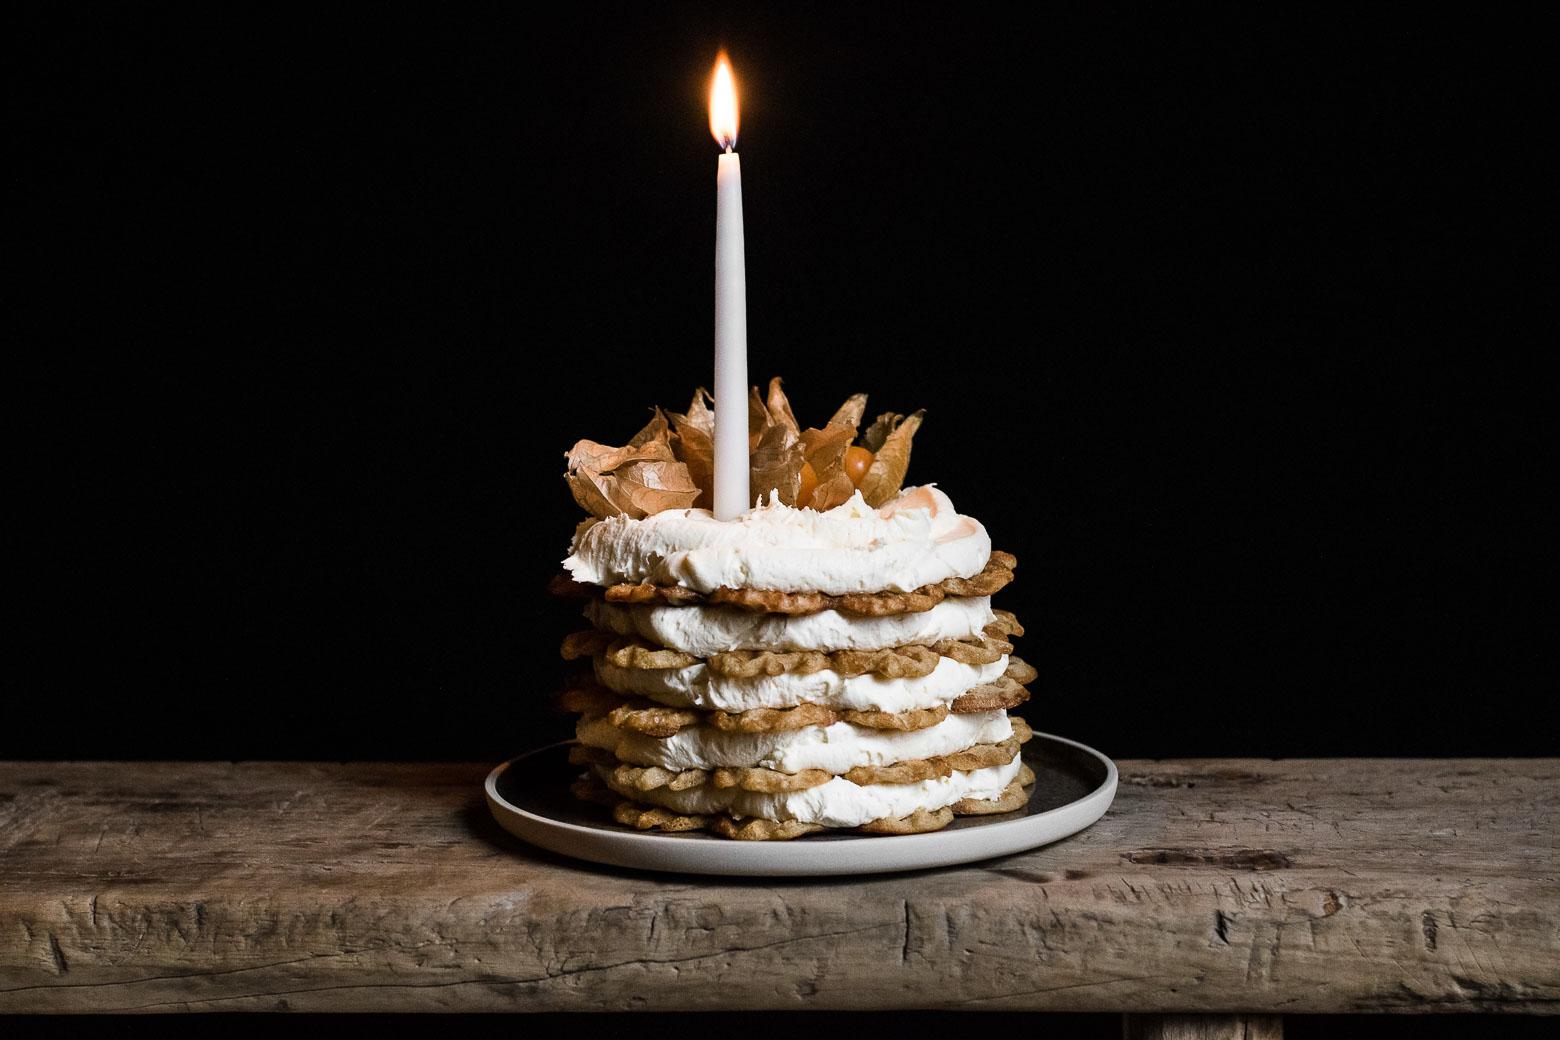 Chaikrydret vaffelkage med brunet smørcreme · 3